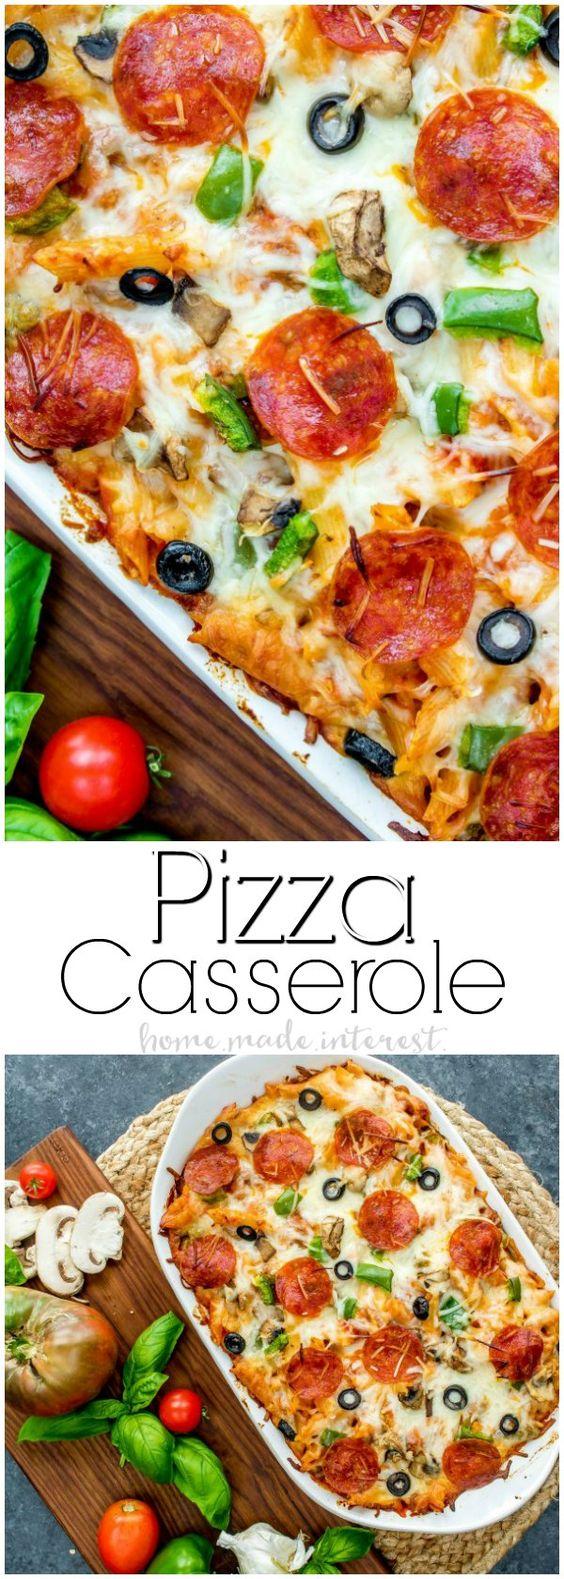 Pizza Casserole #PIZZA